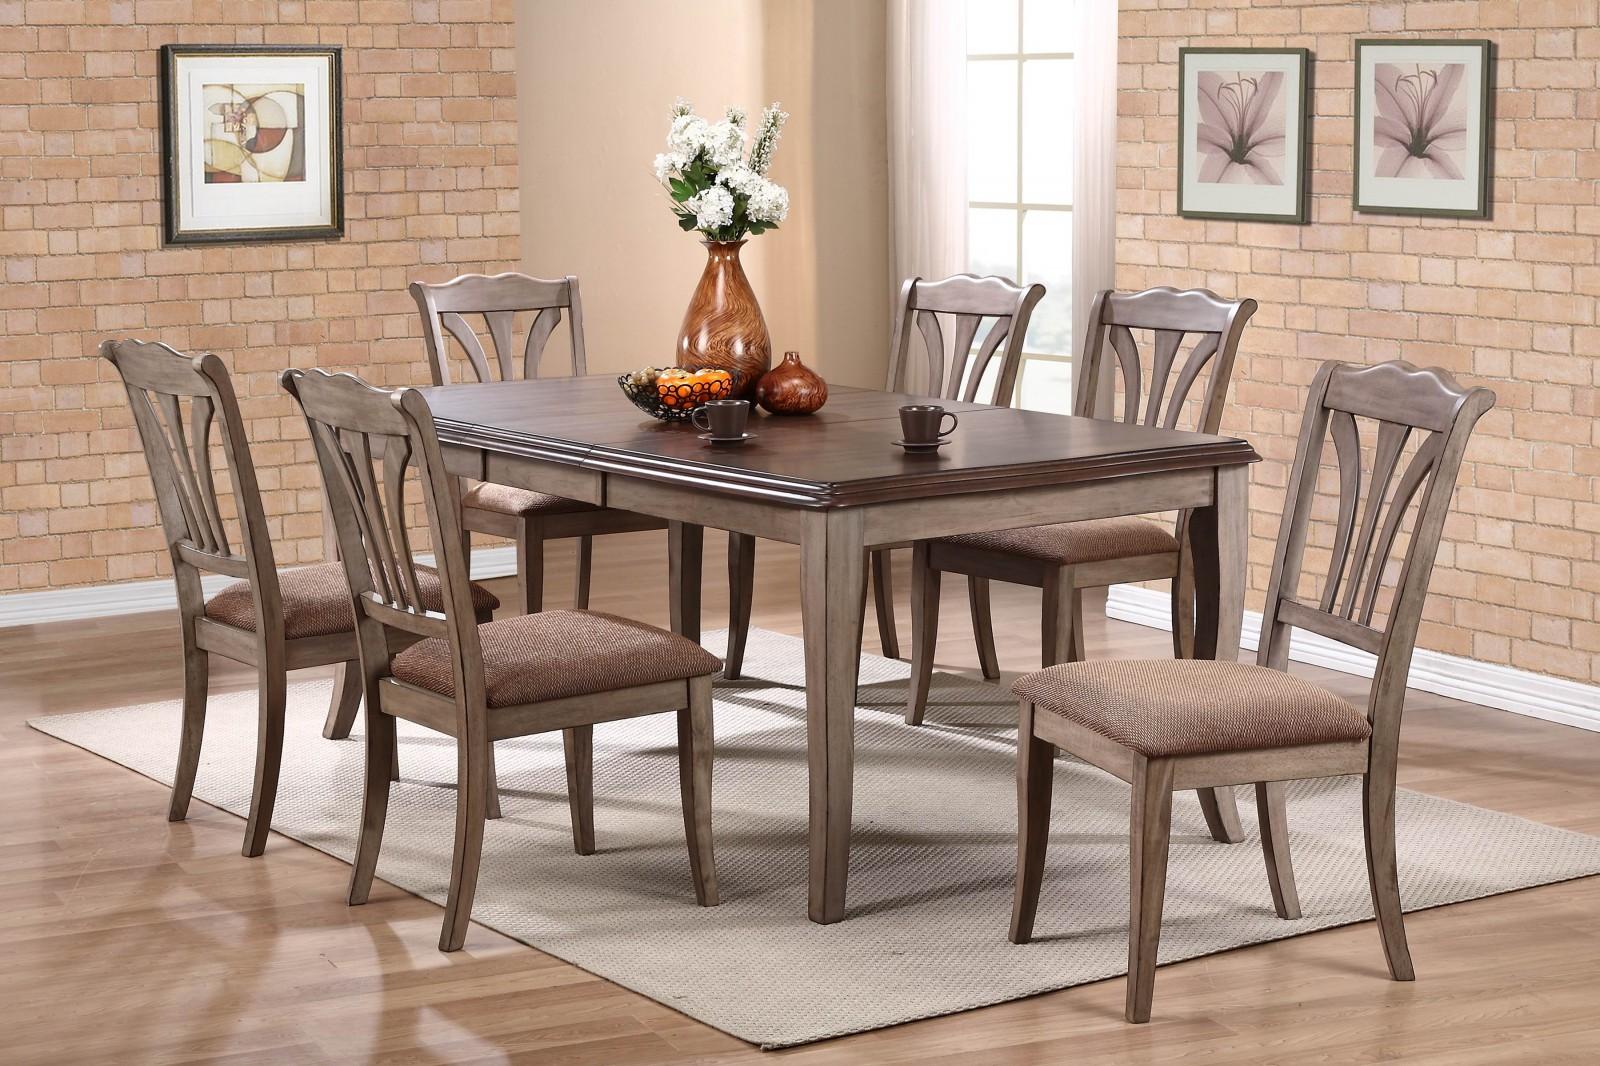 деревянные кухонные стулья